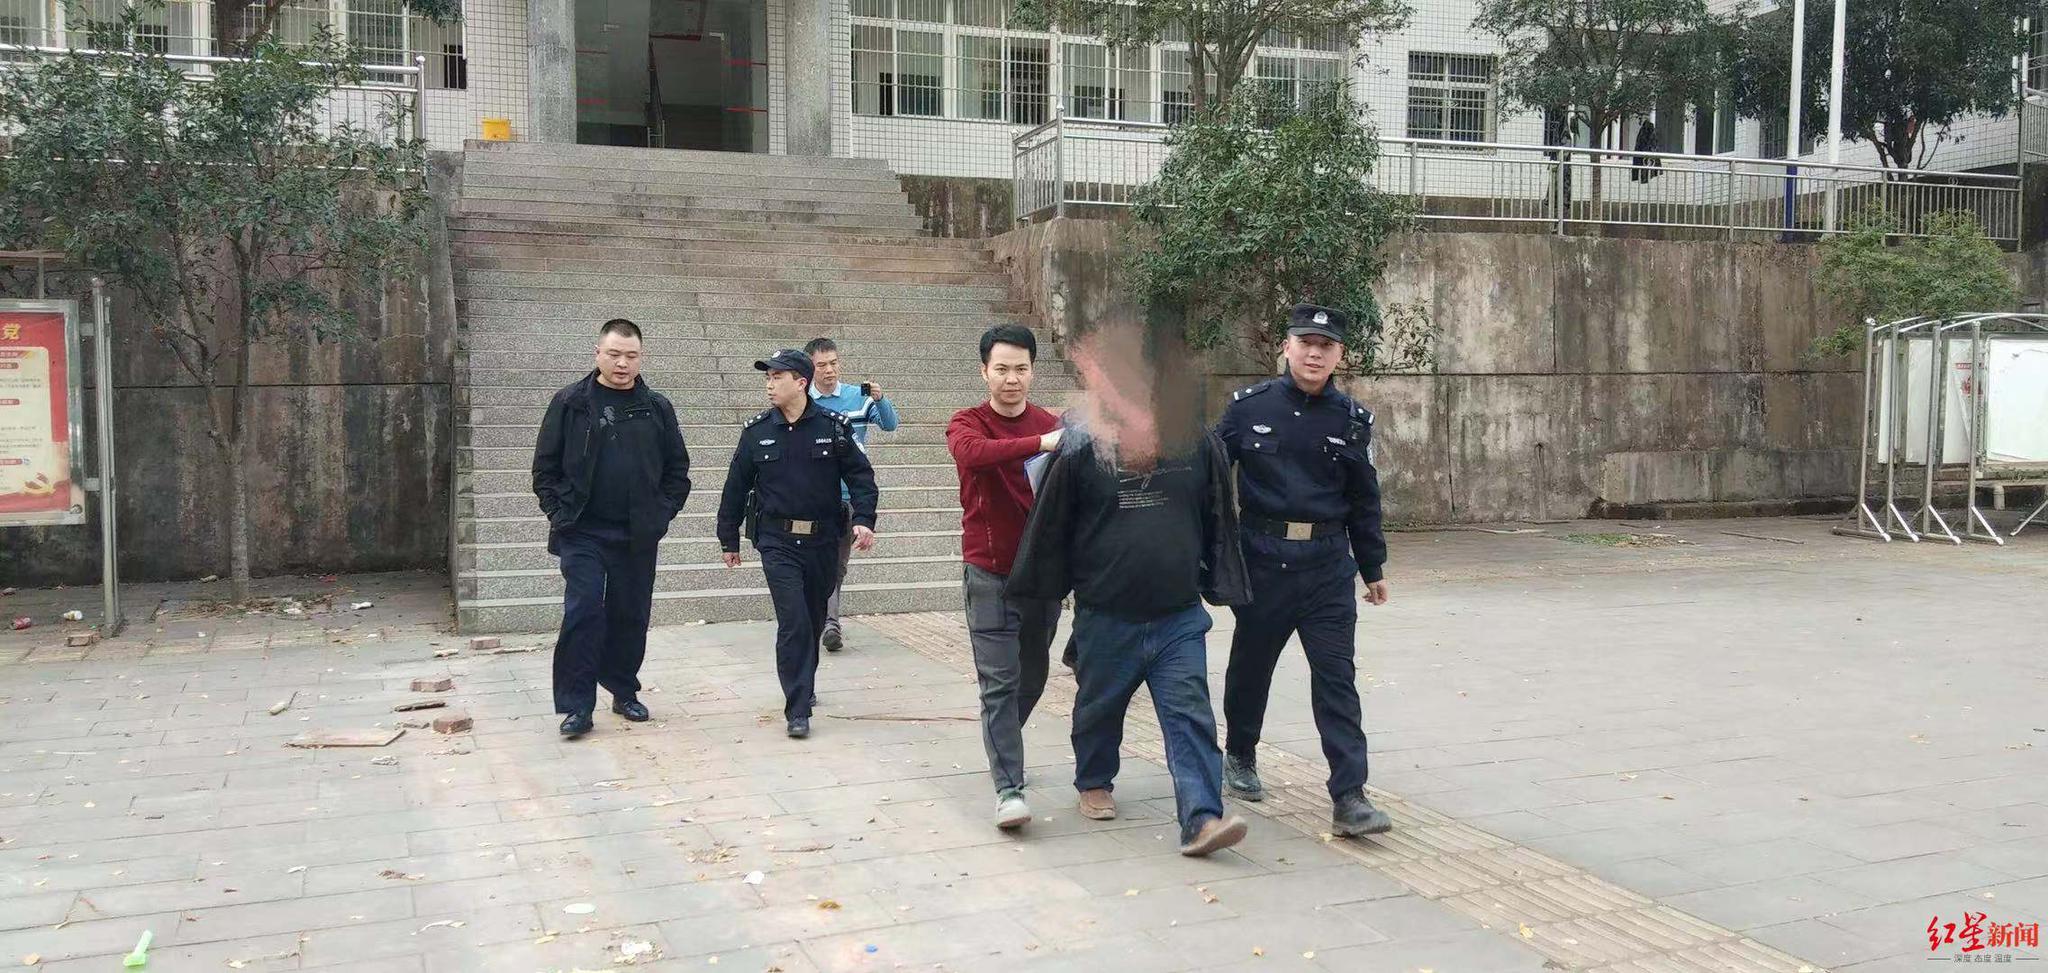 """抢劫车辆杀害司机潜逃13年 嫌疑人""""麻老虎""""被警方抓获"""